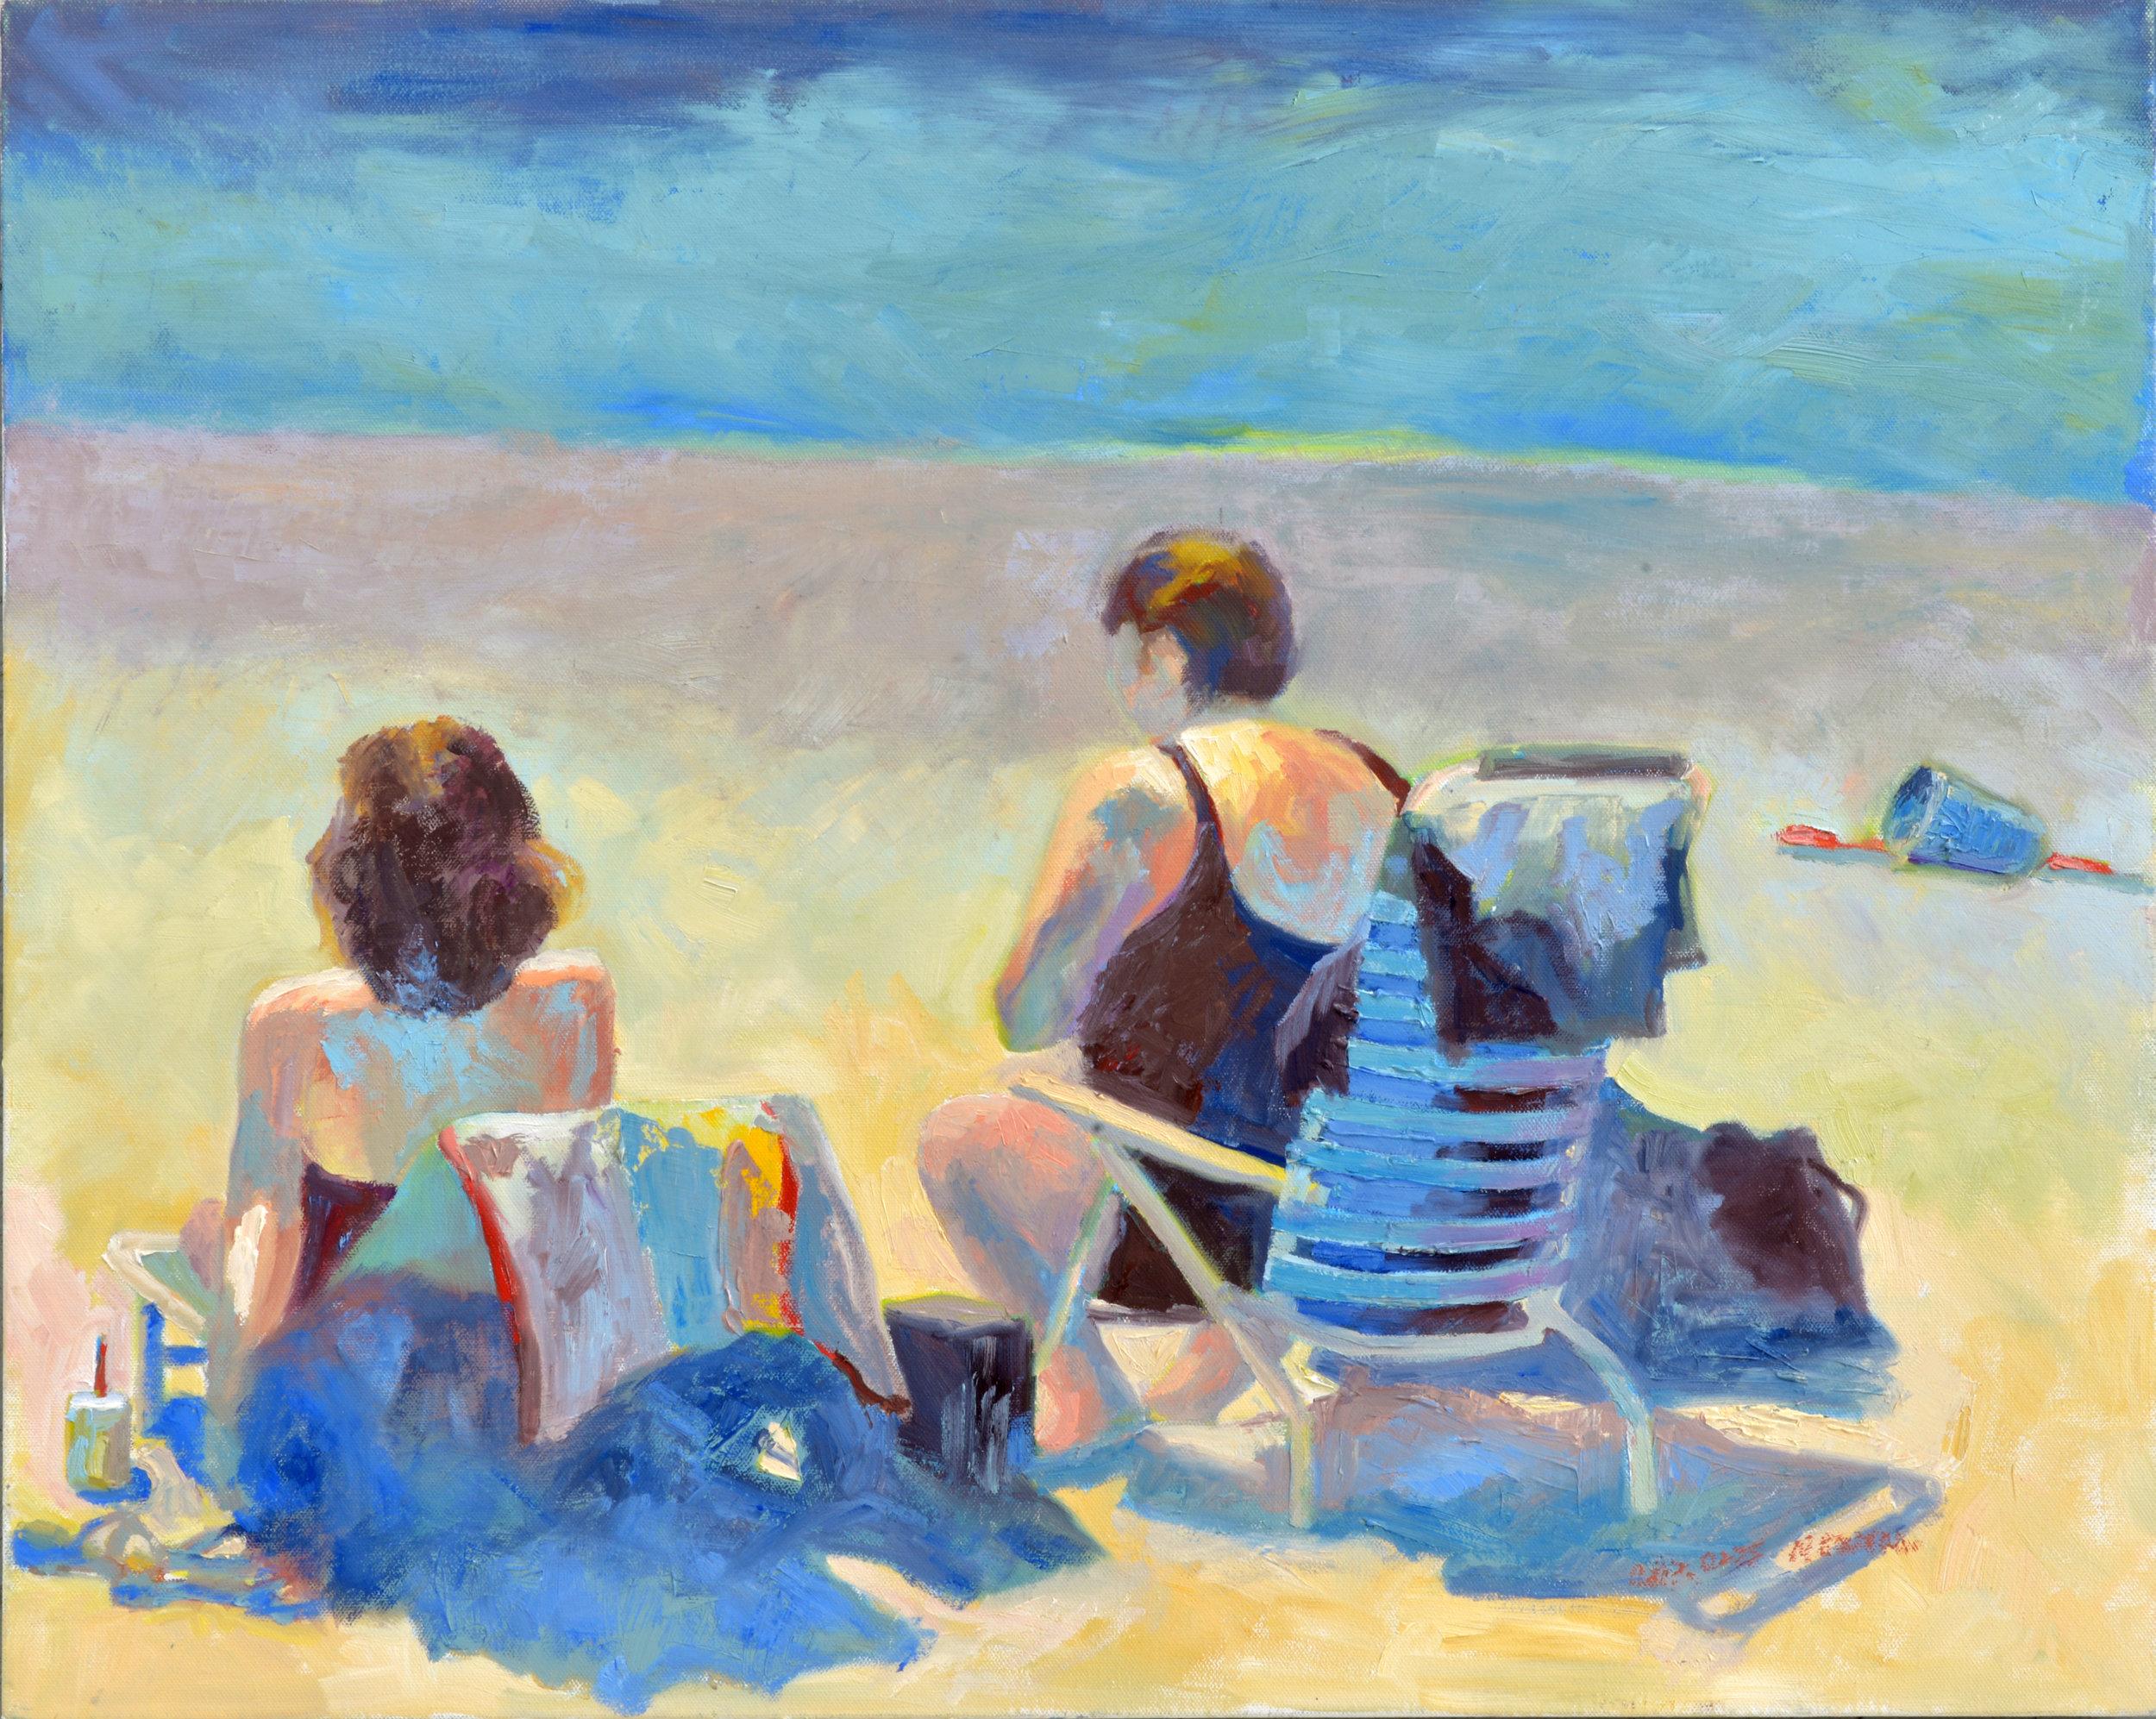 Sunbathers #2